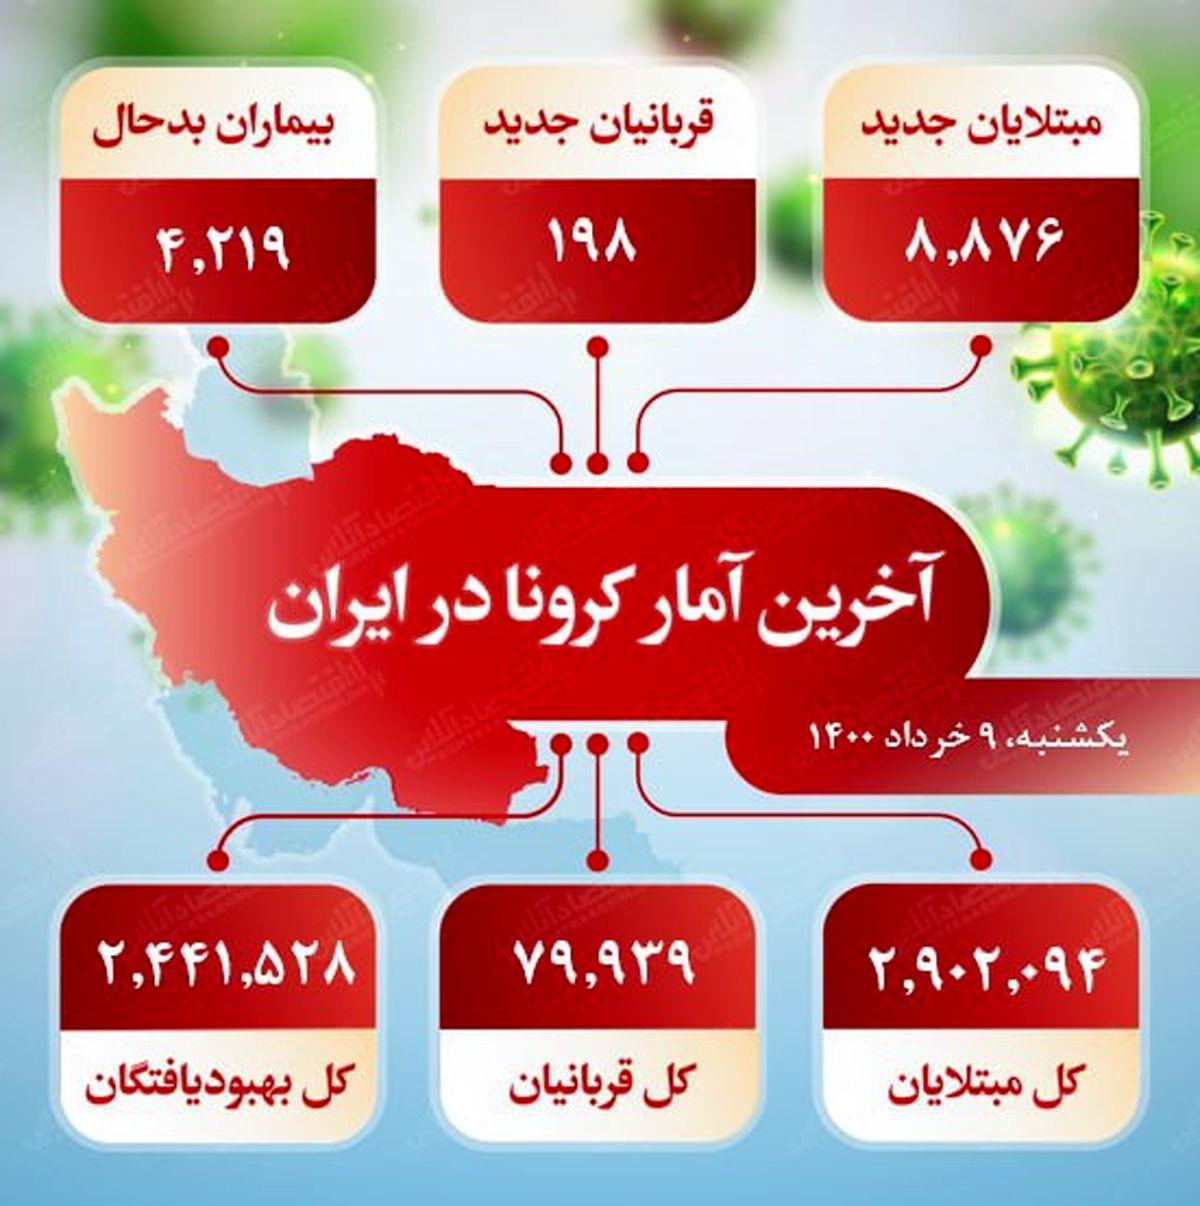 آخرین آمار کرونا در ایران (۱۴۰۰/۳/۹)